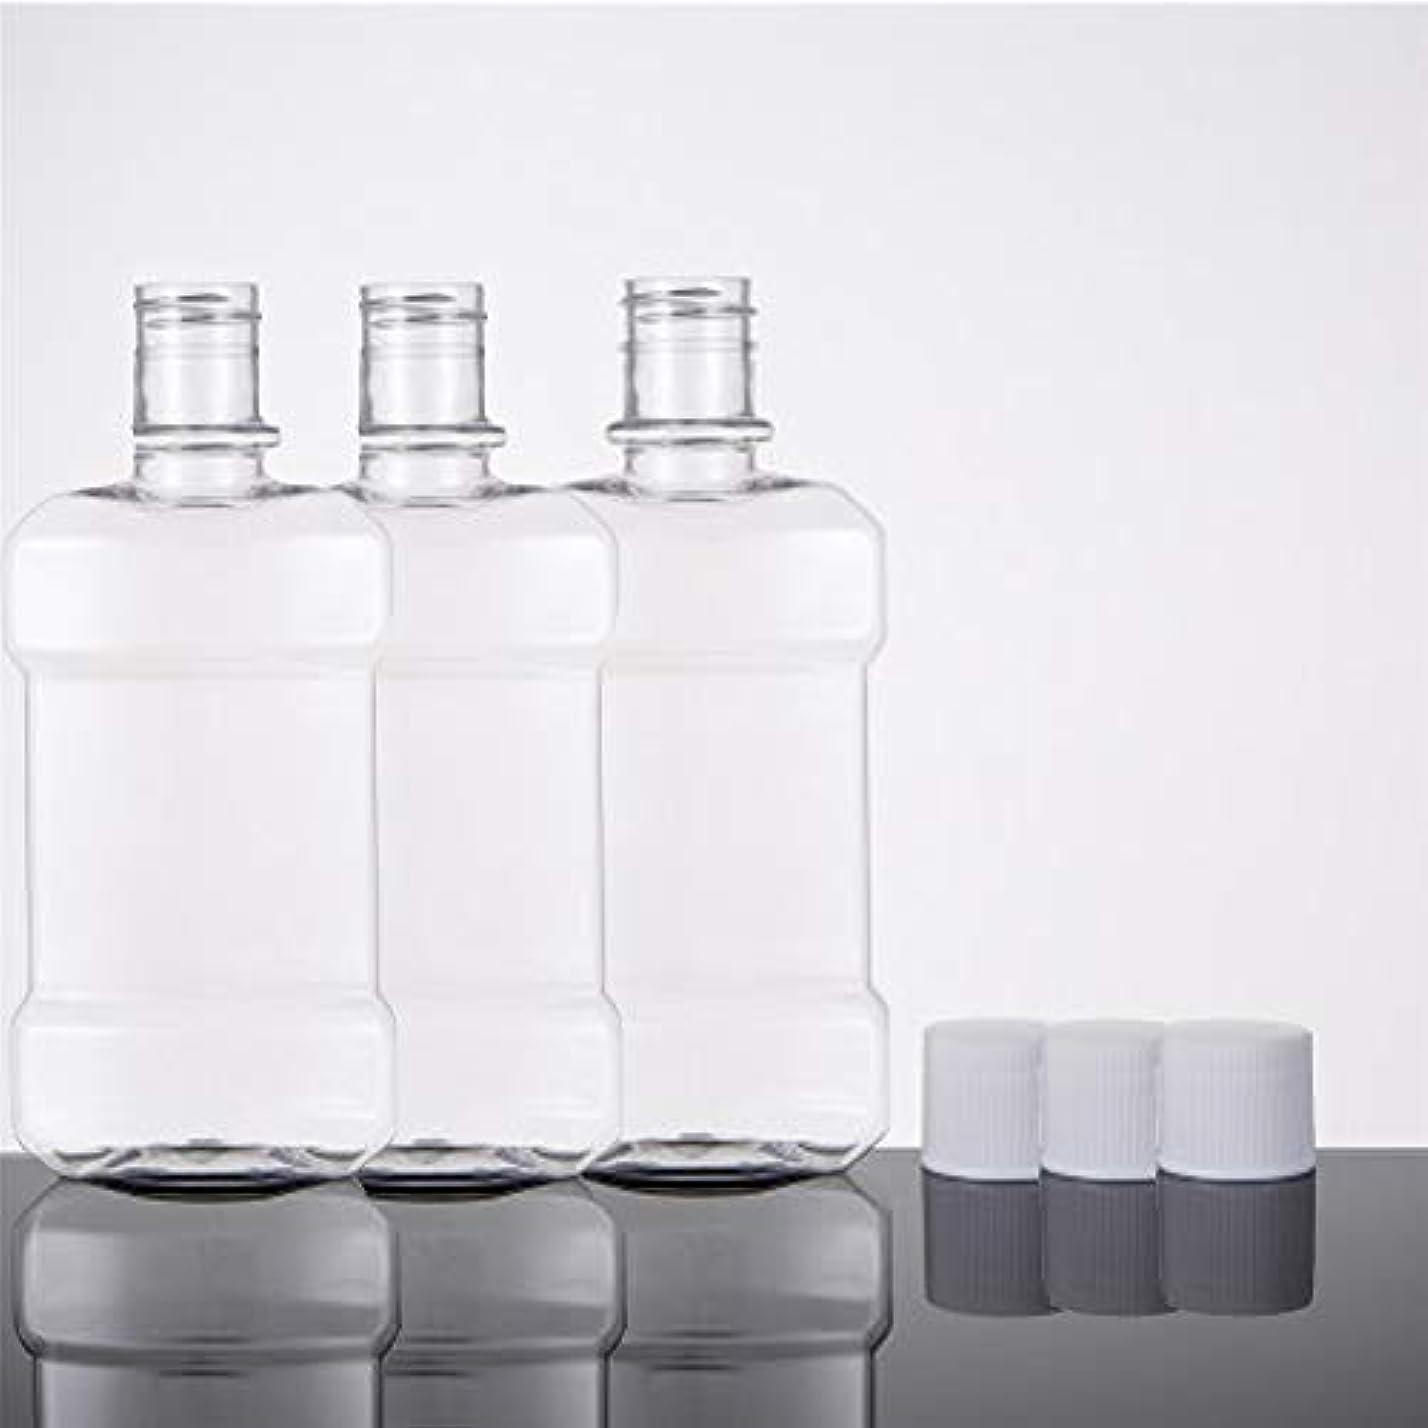 承認飛躍数字SHKI マウスウォッシュ専用詰め替えボトル 250ml*3個 空ボトル 3個セット 持ち運び便利